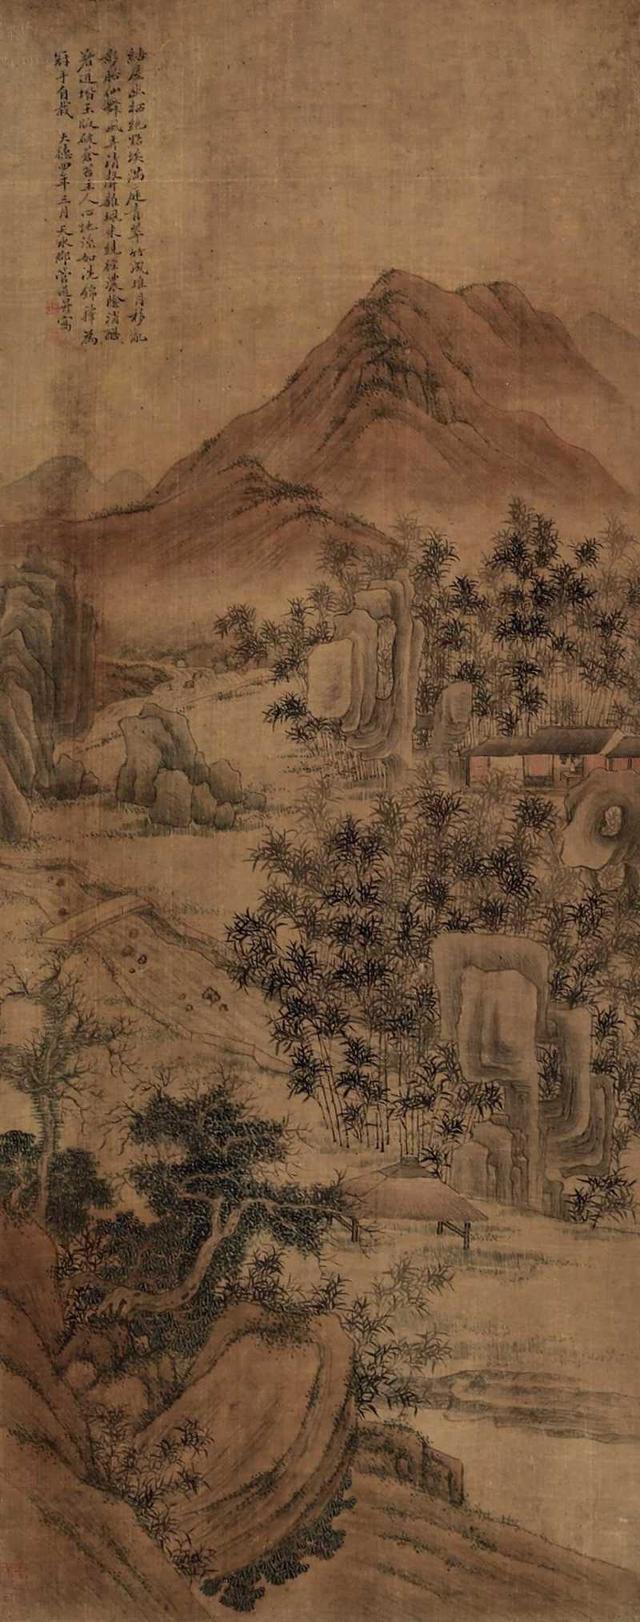 她是书画名家赵孟�\之妻,被尊称为管夫人-元代书画家管道升